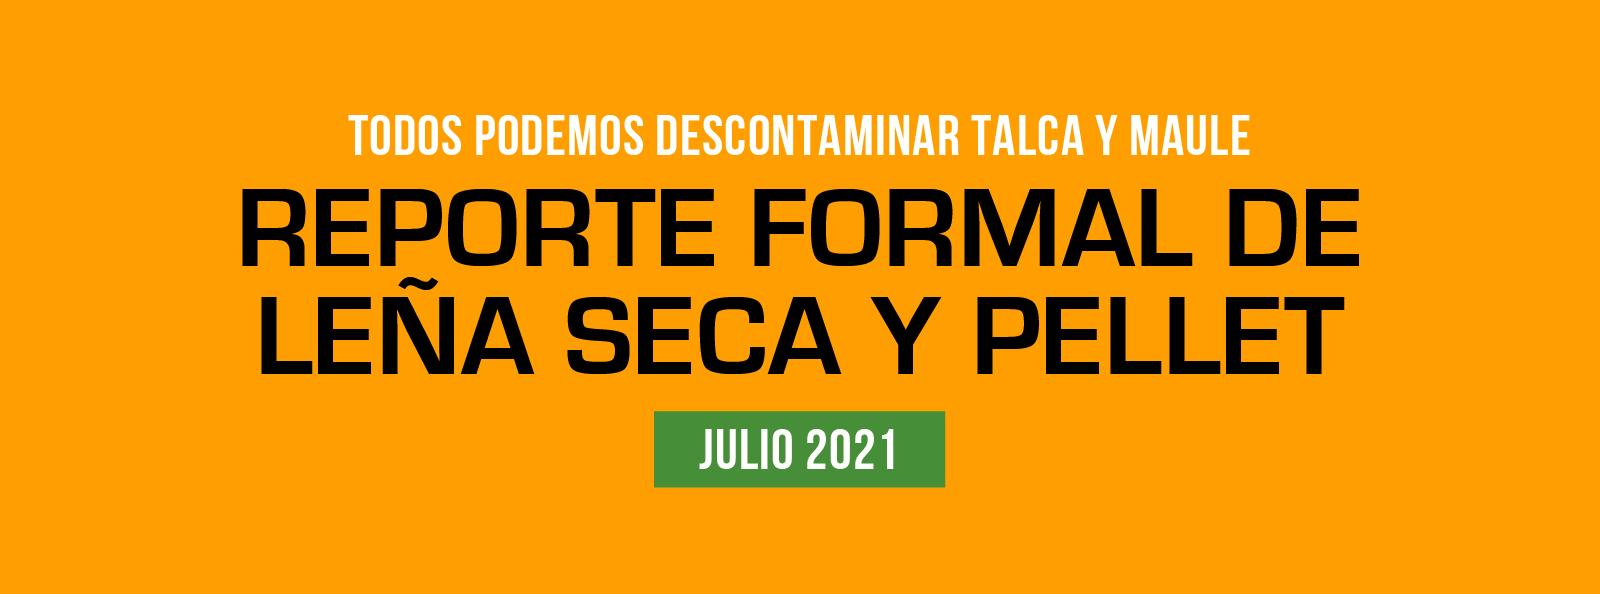 Reporte de comercio formal de leña seca y pellet julio 2021